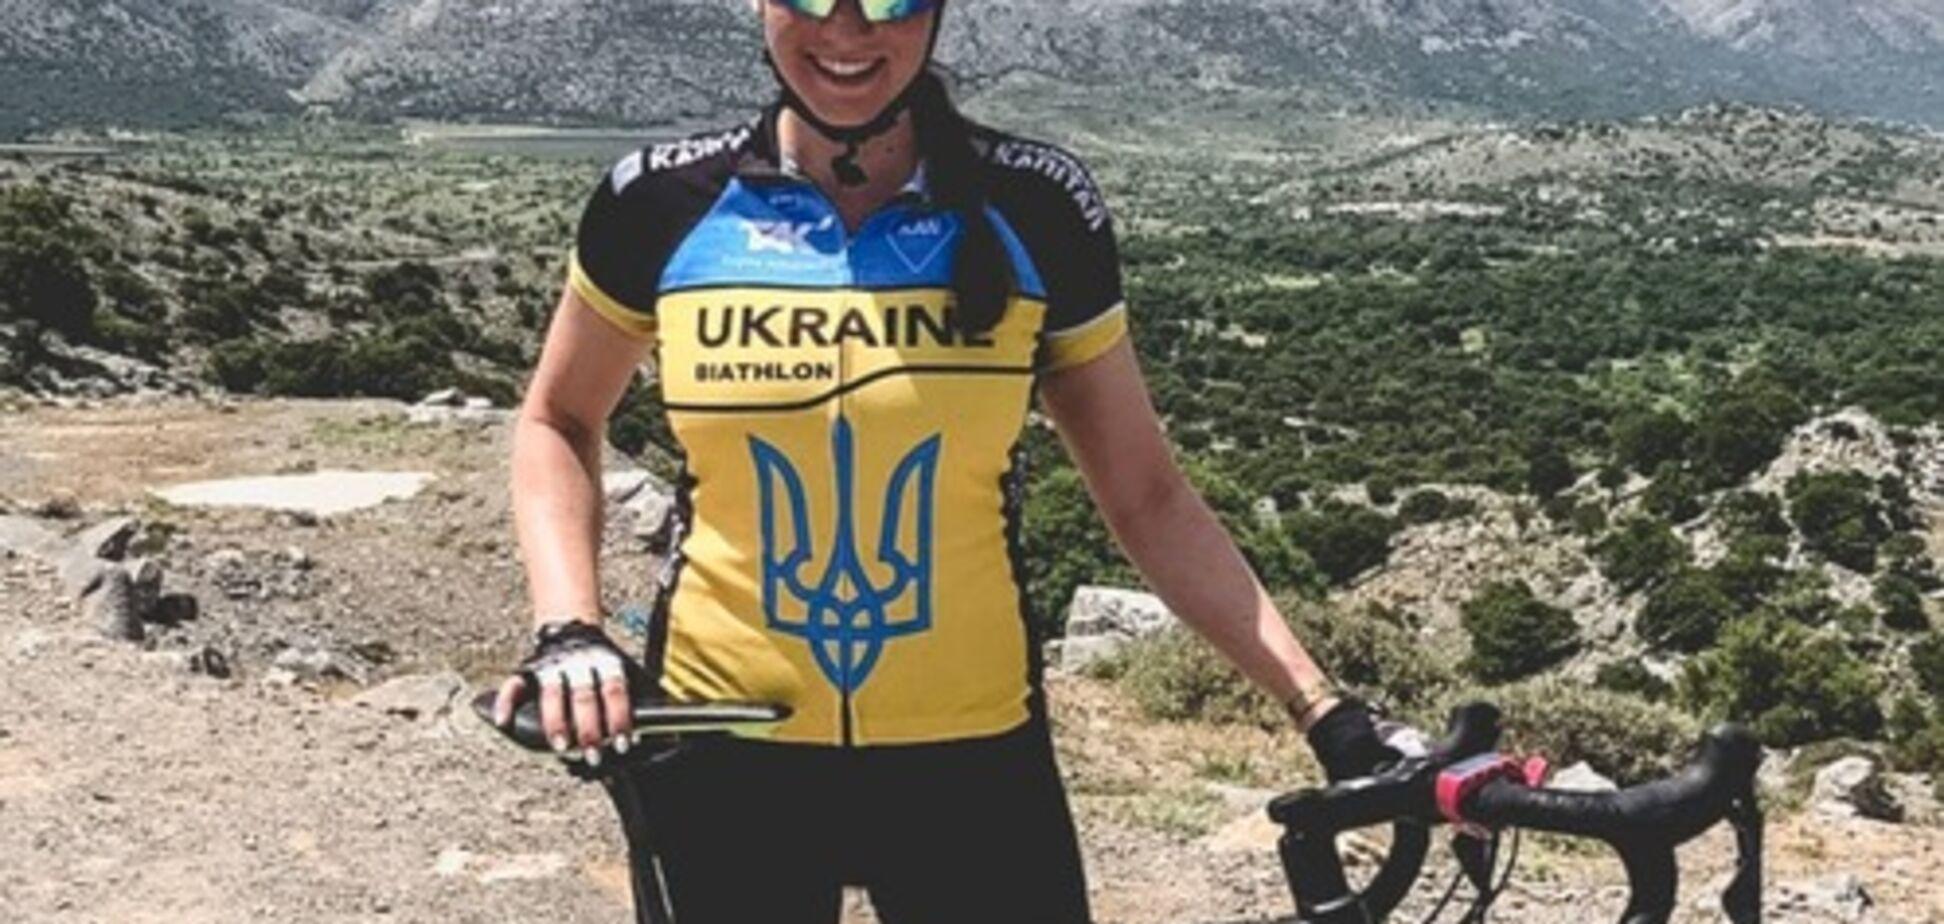 Известная биатлонистка покрасовалась в форме сборной Украины - эффектное фото